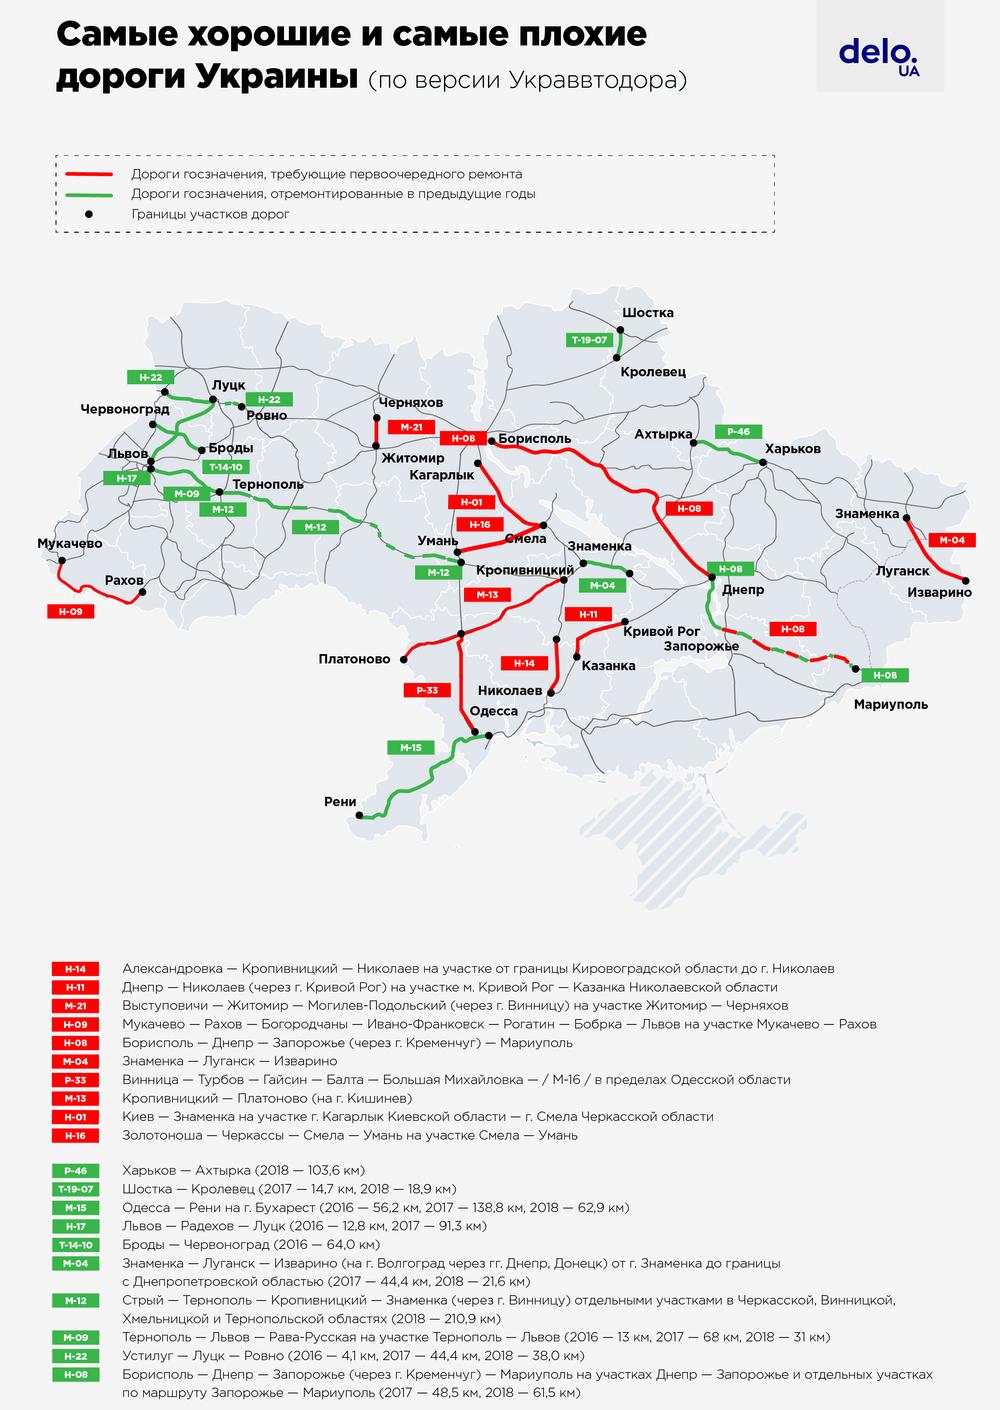 Наиболее проблемные дороги страны